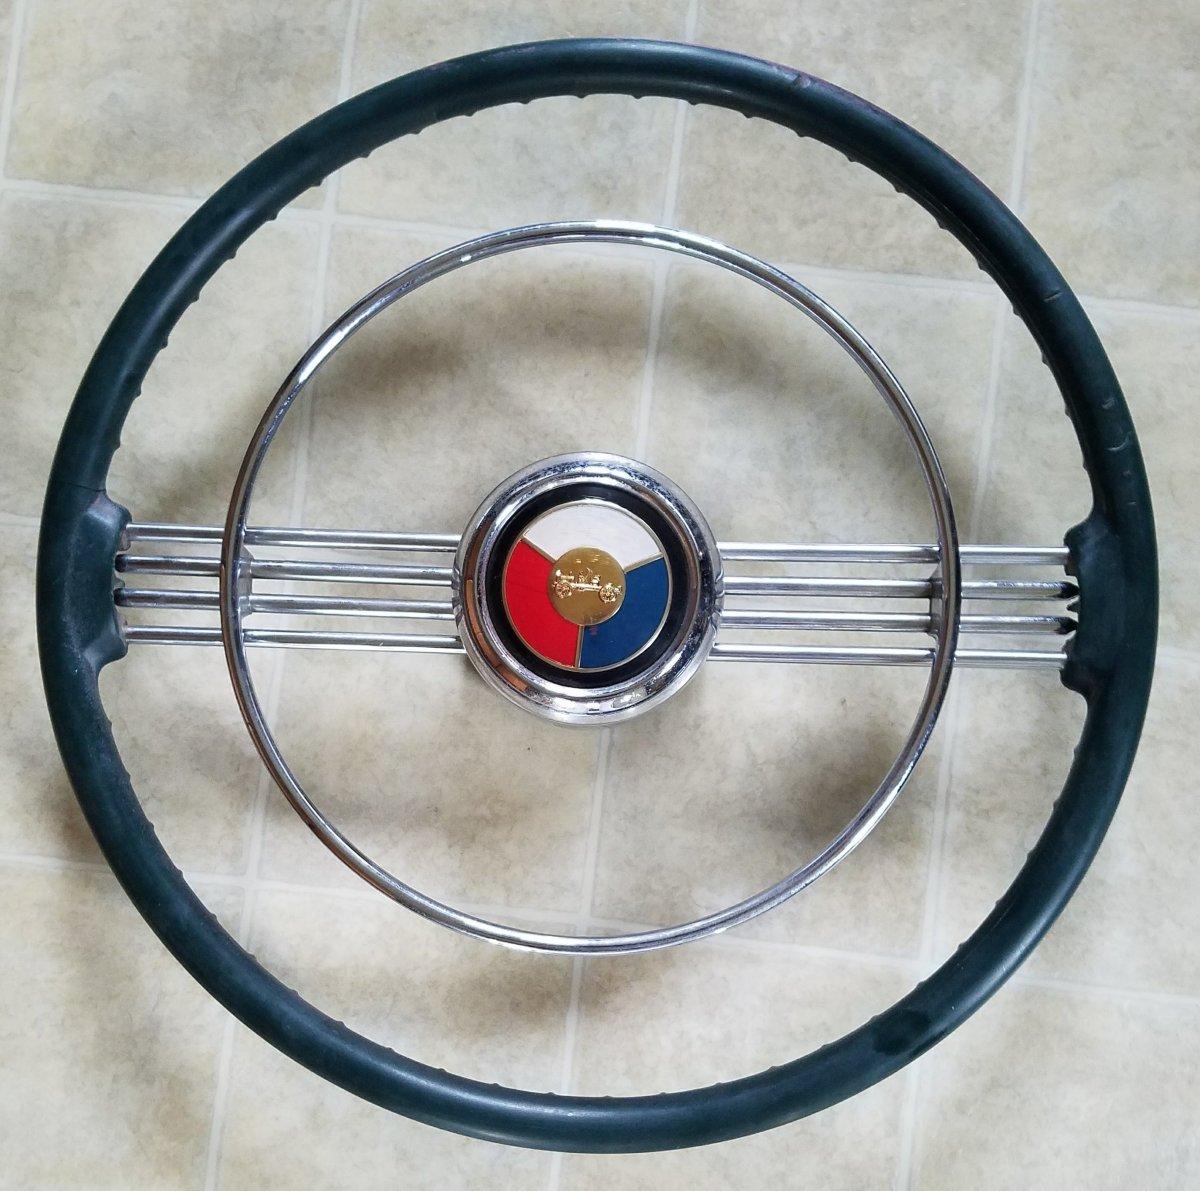 53 Buick Steering Wheel.jpg